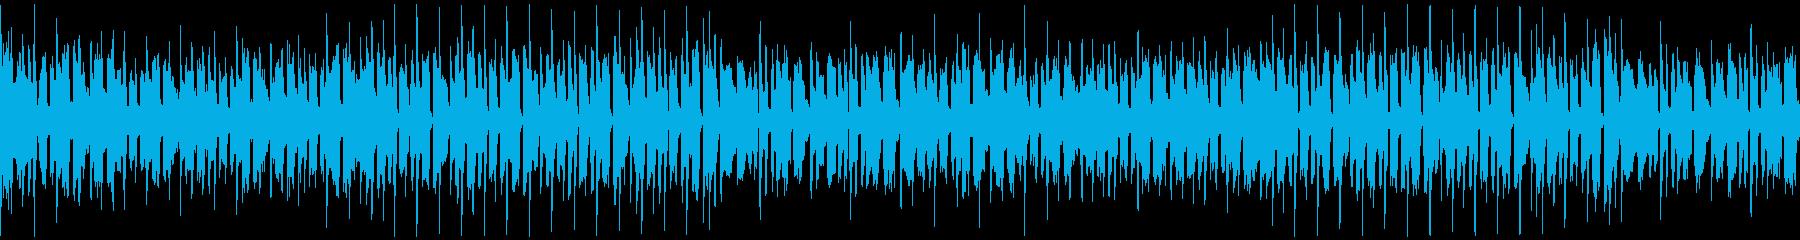 元気で明るいシンセとピアノ/ループ可の再生済みの波形